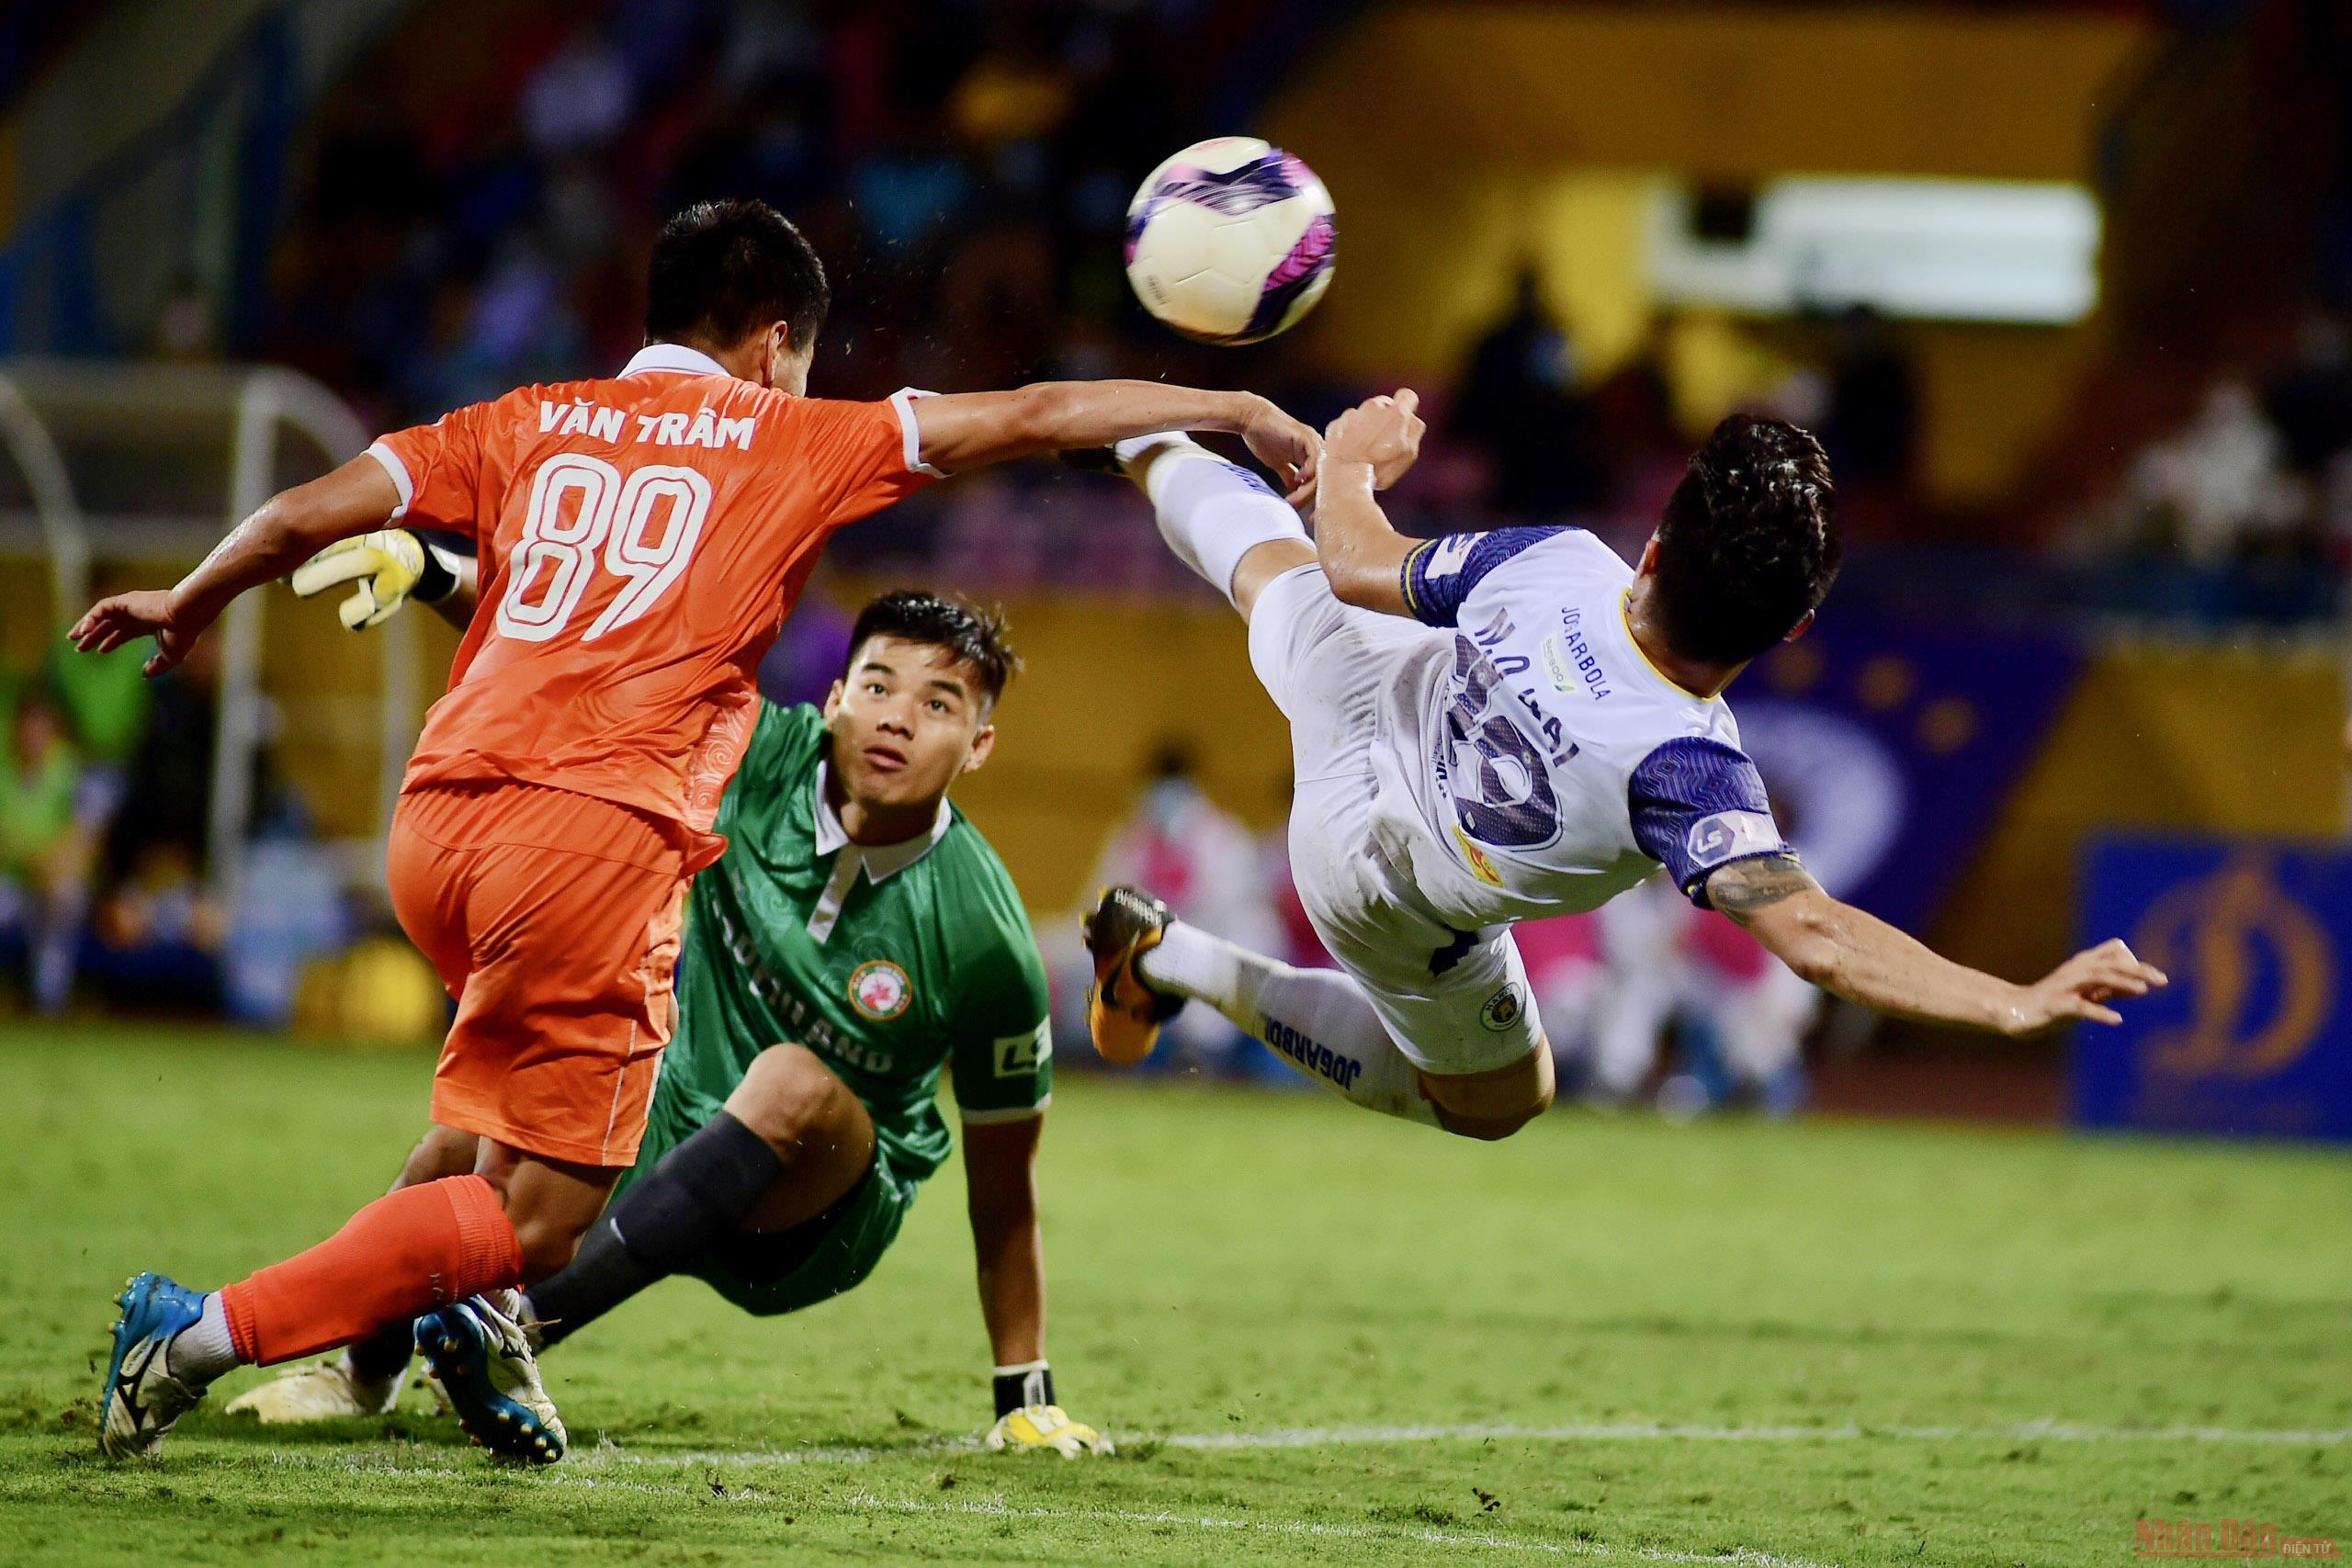 Hà Nội bại trận trước Topenland Bình Định -0